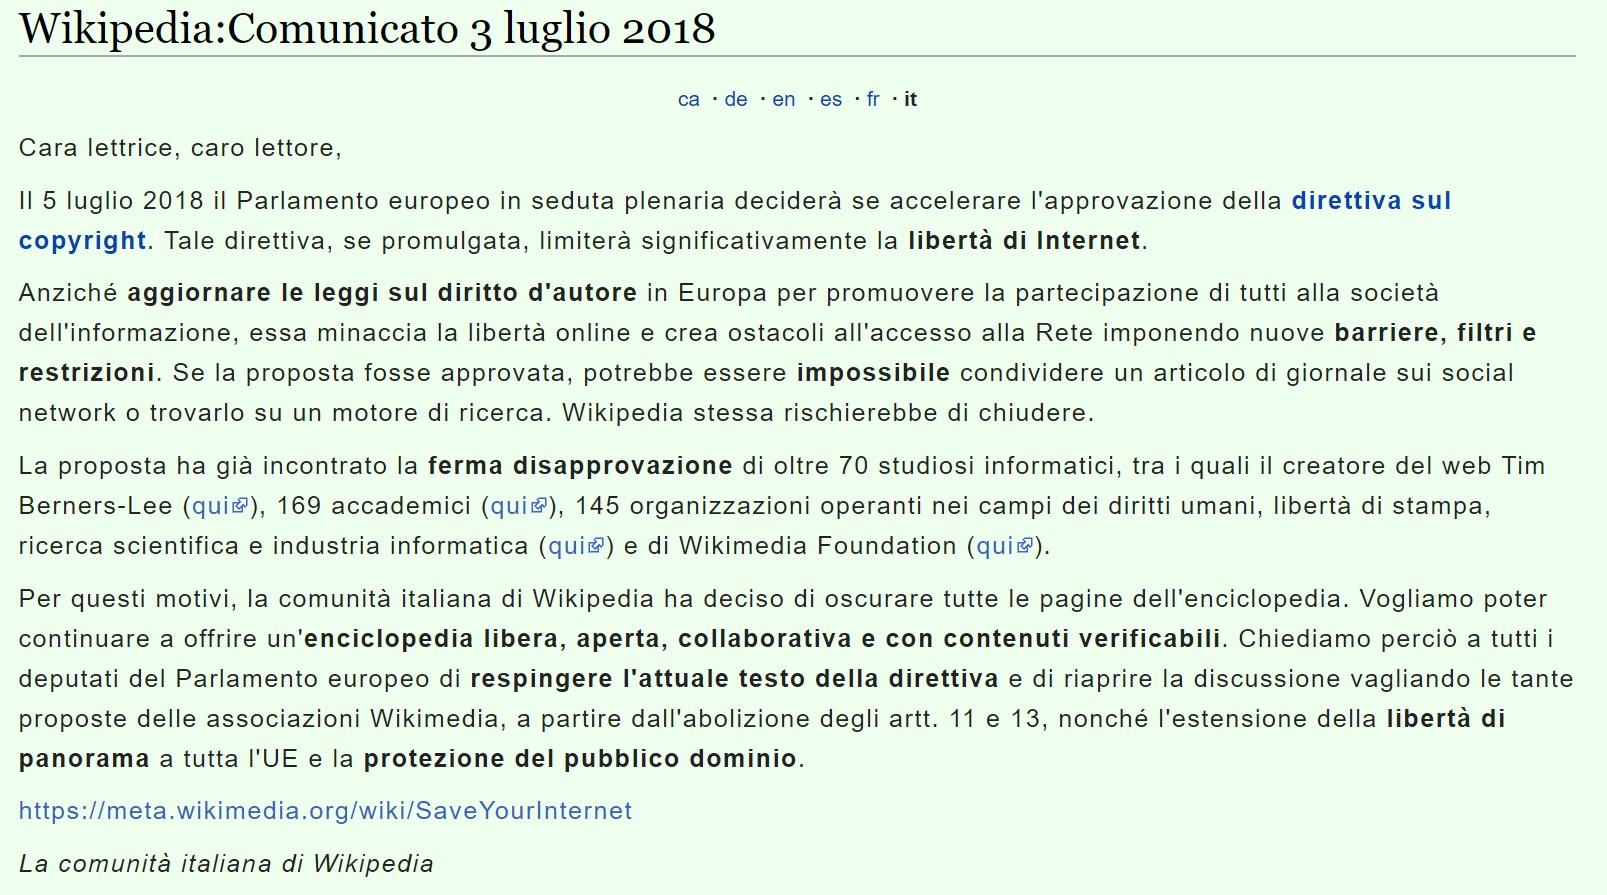 Итальянская Википедия перед голосованием